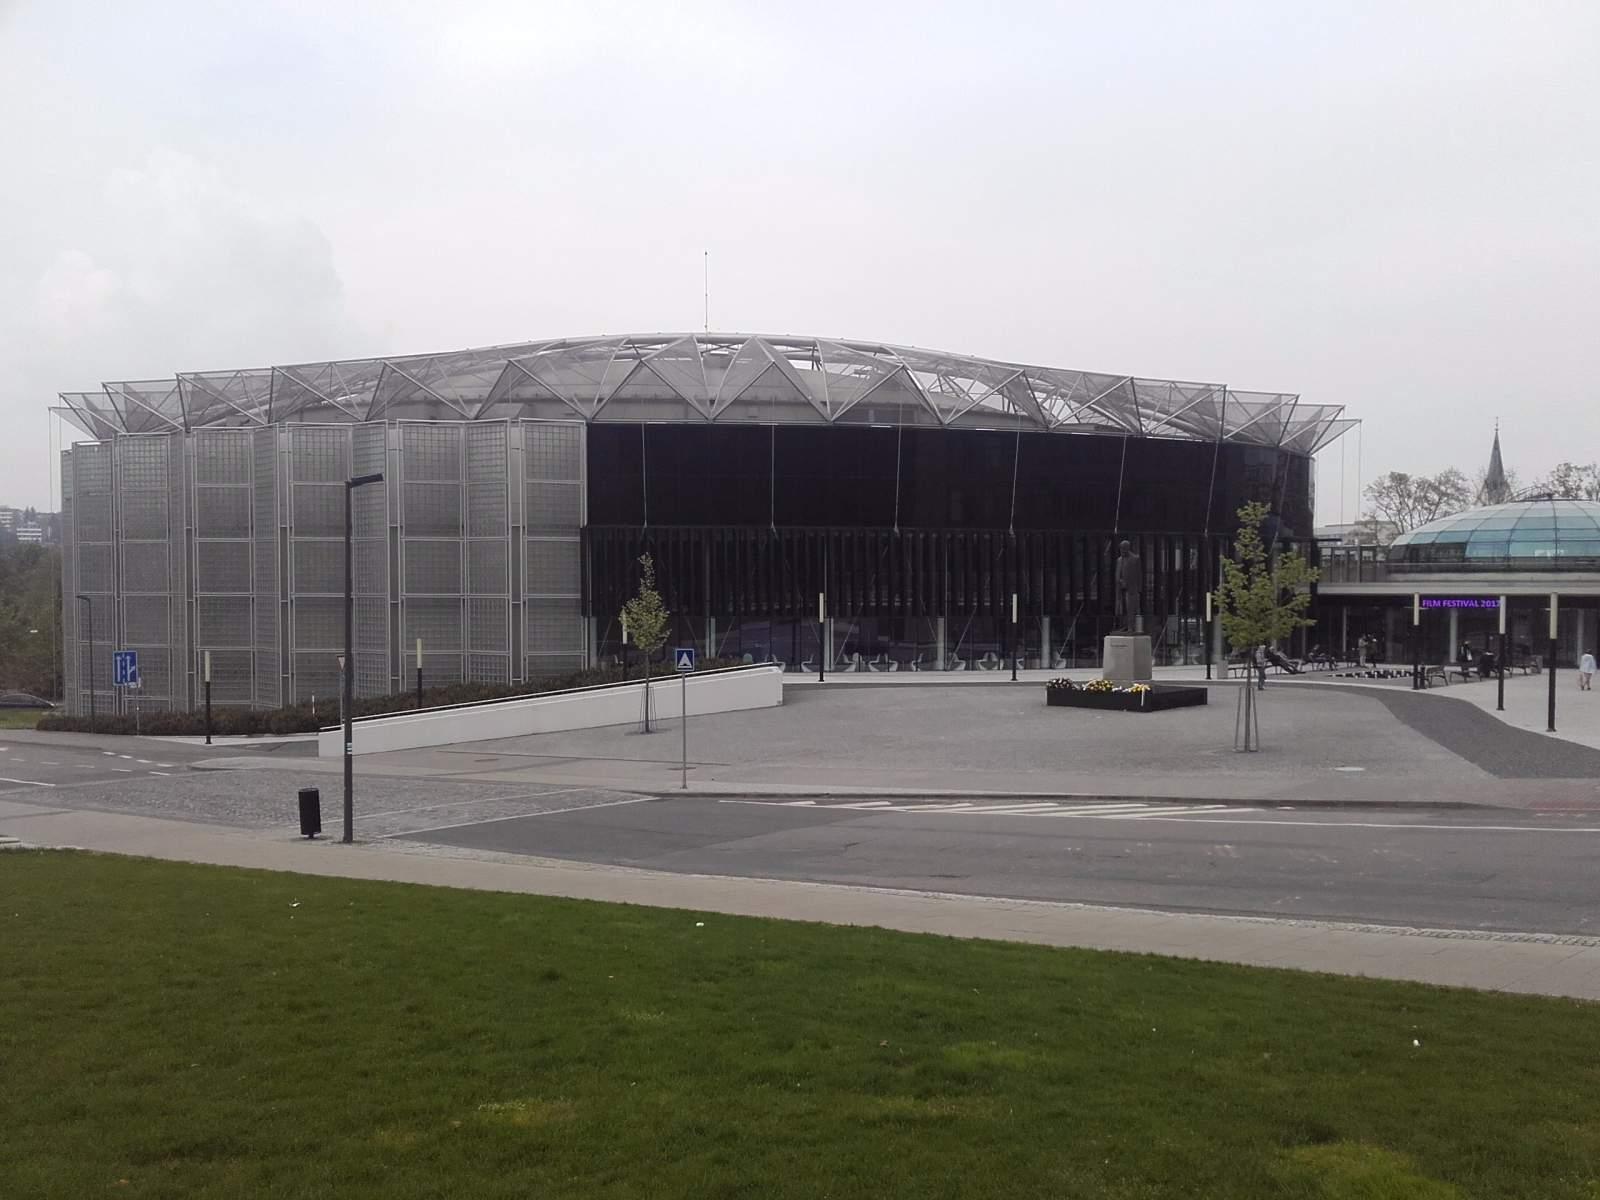 Budova, kde zlínská filharmonie sídlí, je dílem architektky Evy Jiřičné. Autor: Jan Navrátil